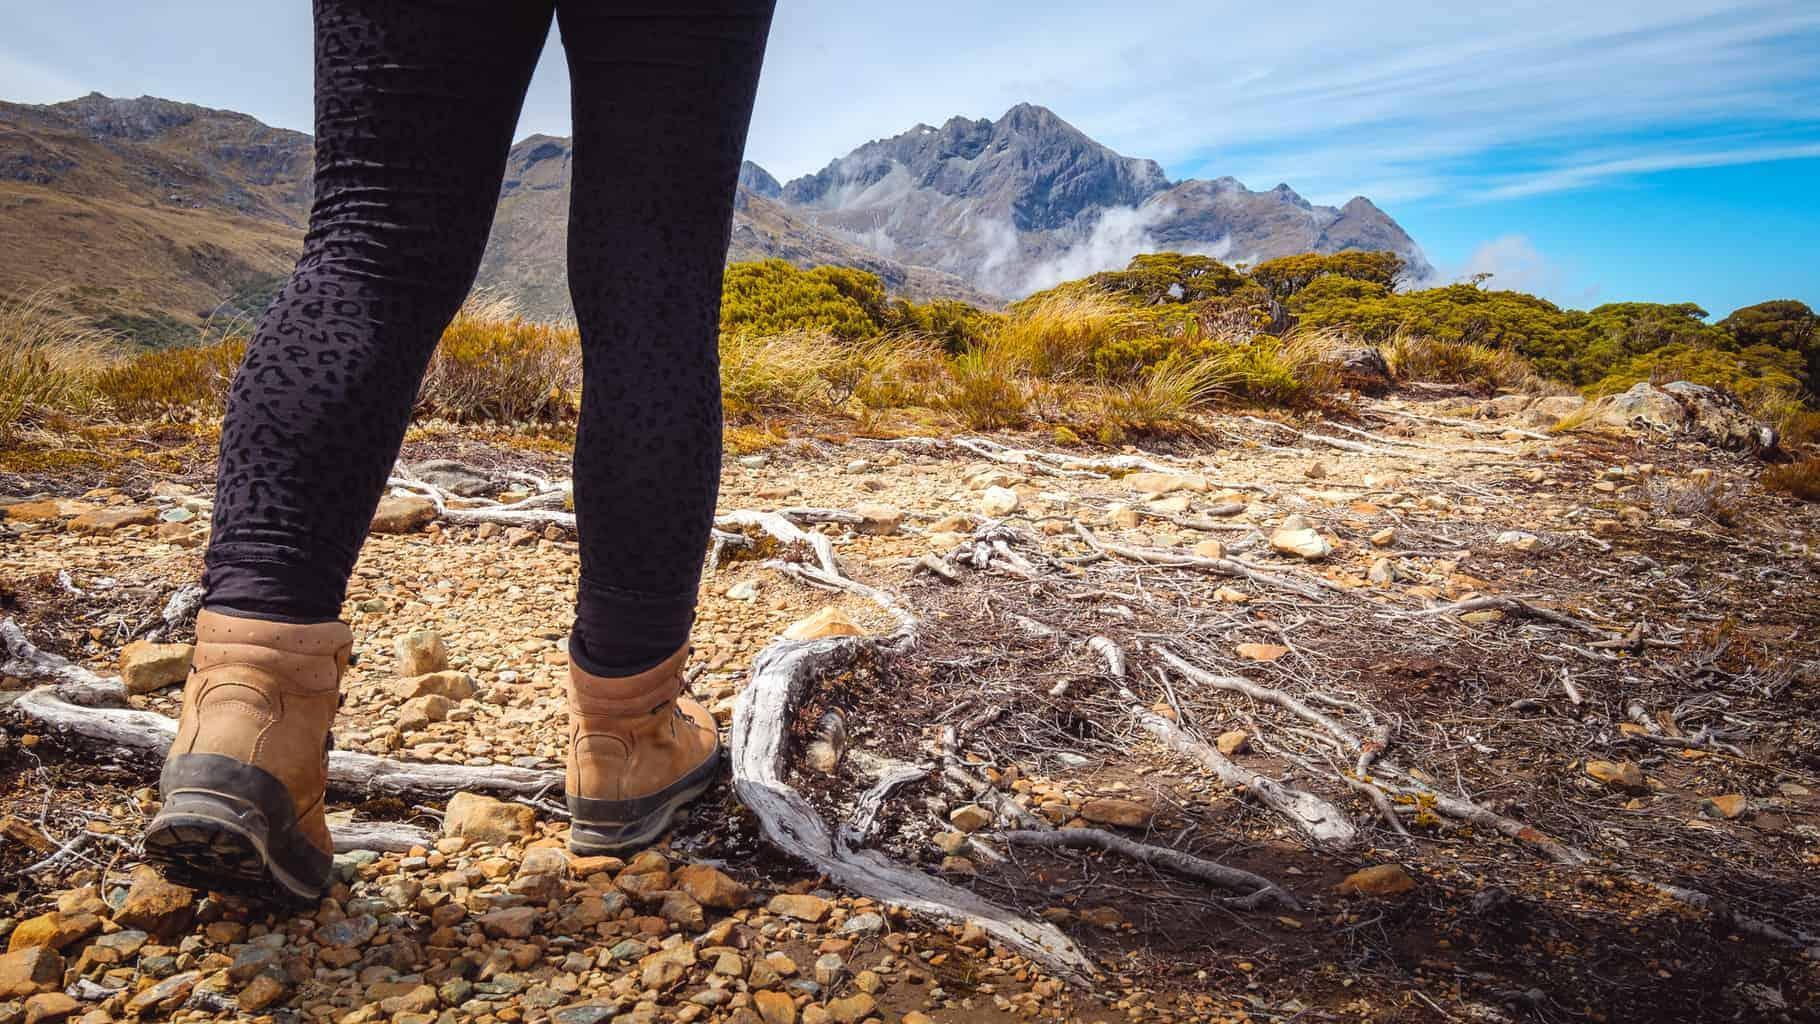 Great Walks NZ. Nine of the best multi-day hikes in New Zealand. New Zealand's Great Walks.